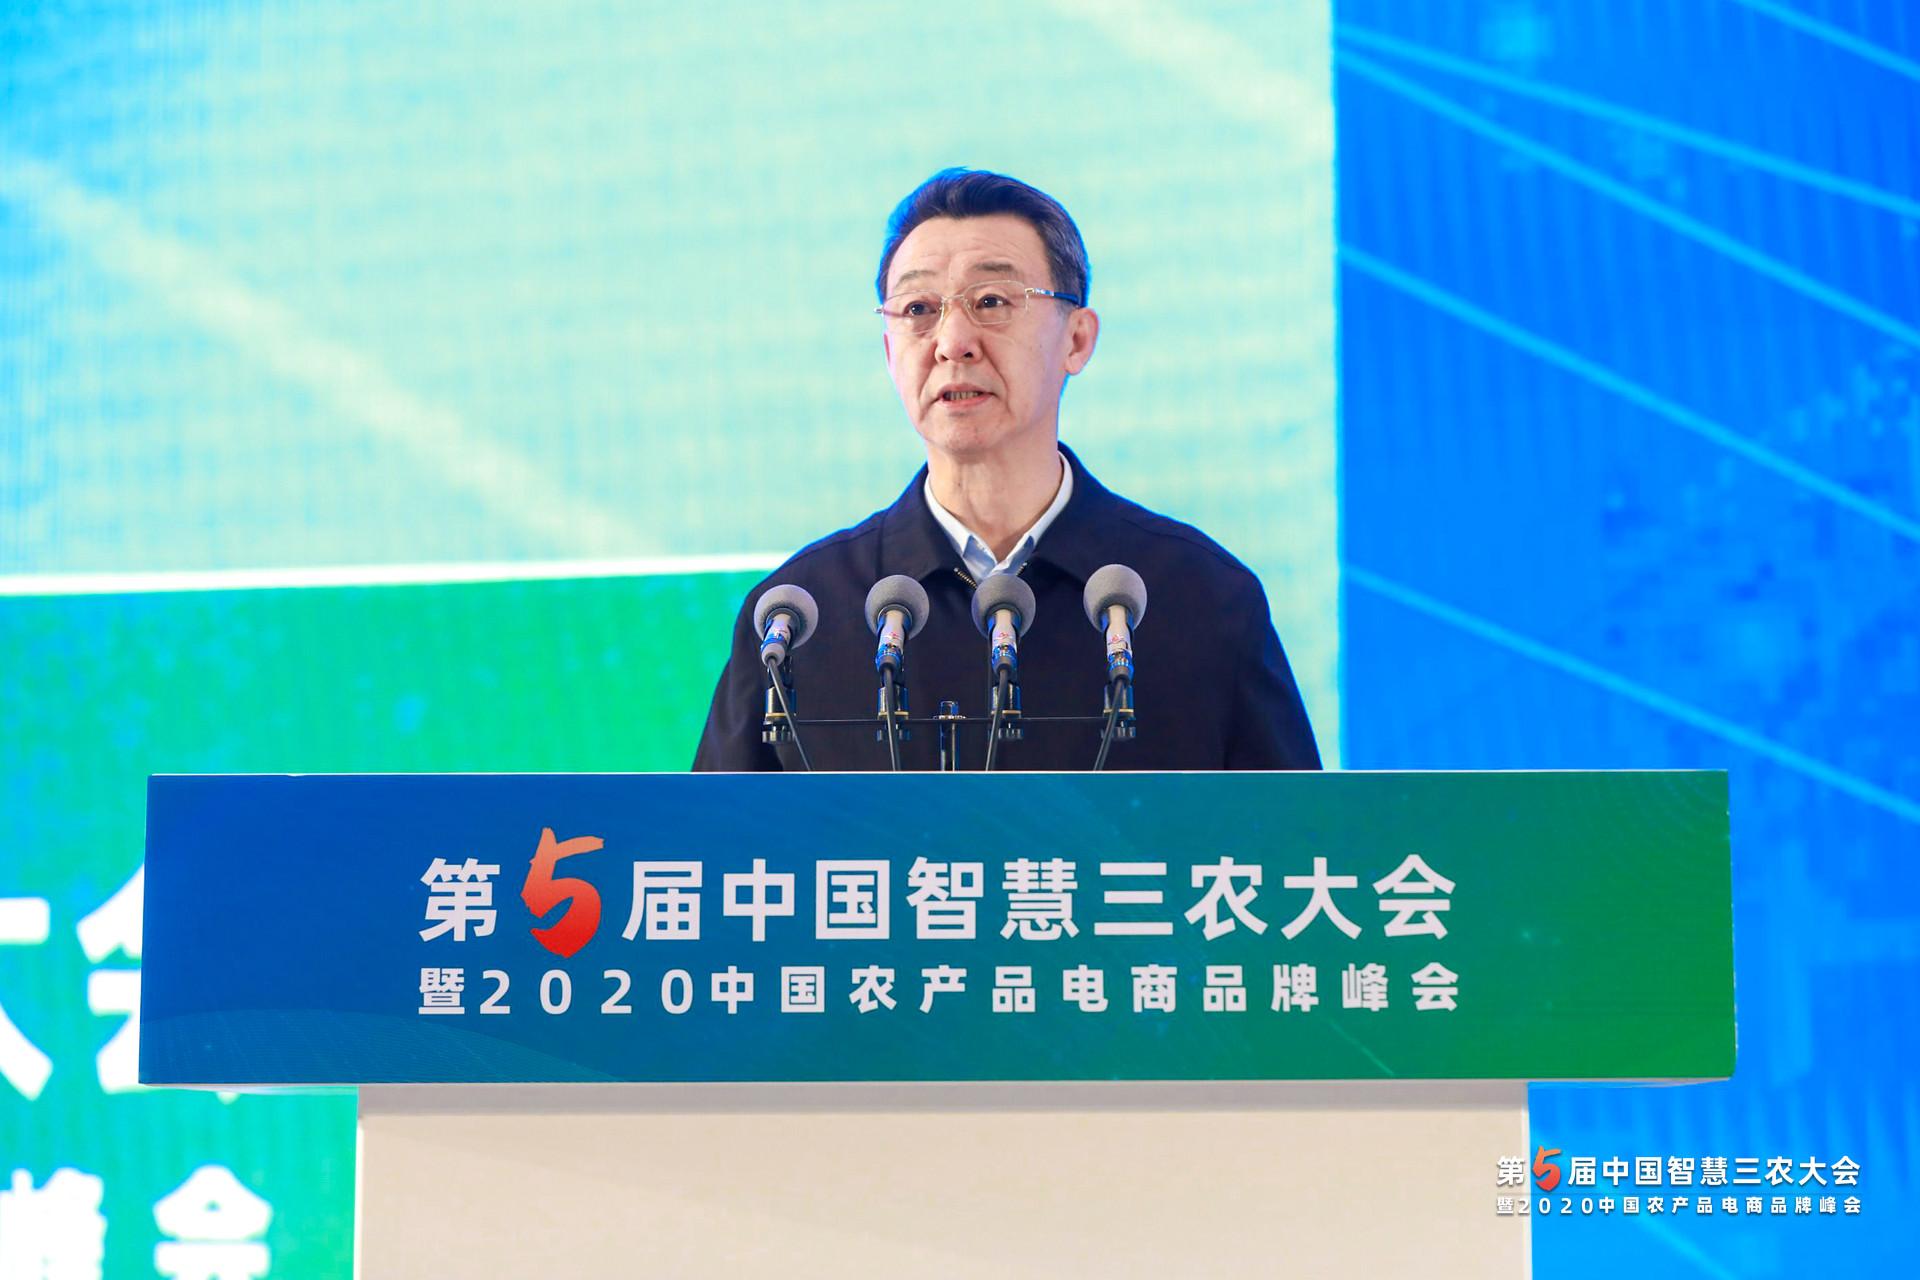 全国政协委员于培顺:2021是实施乡村振兴战略的开局年